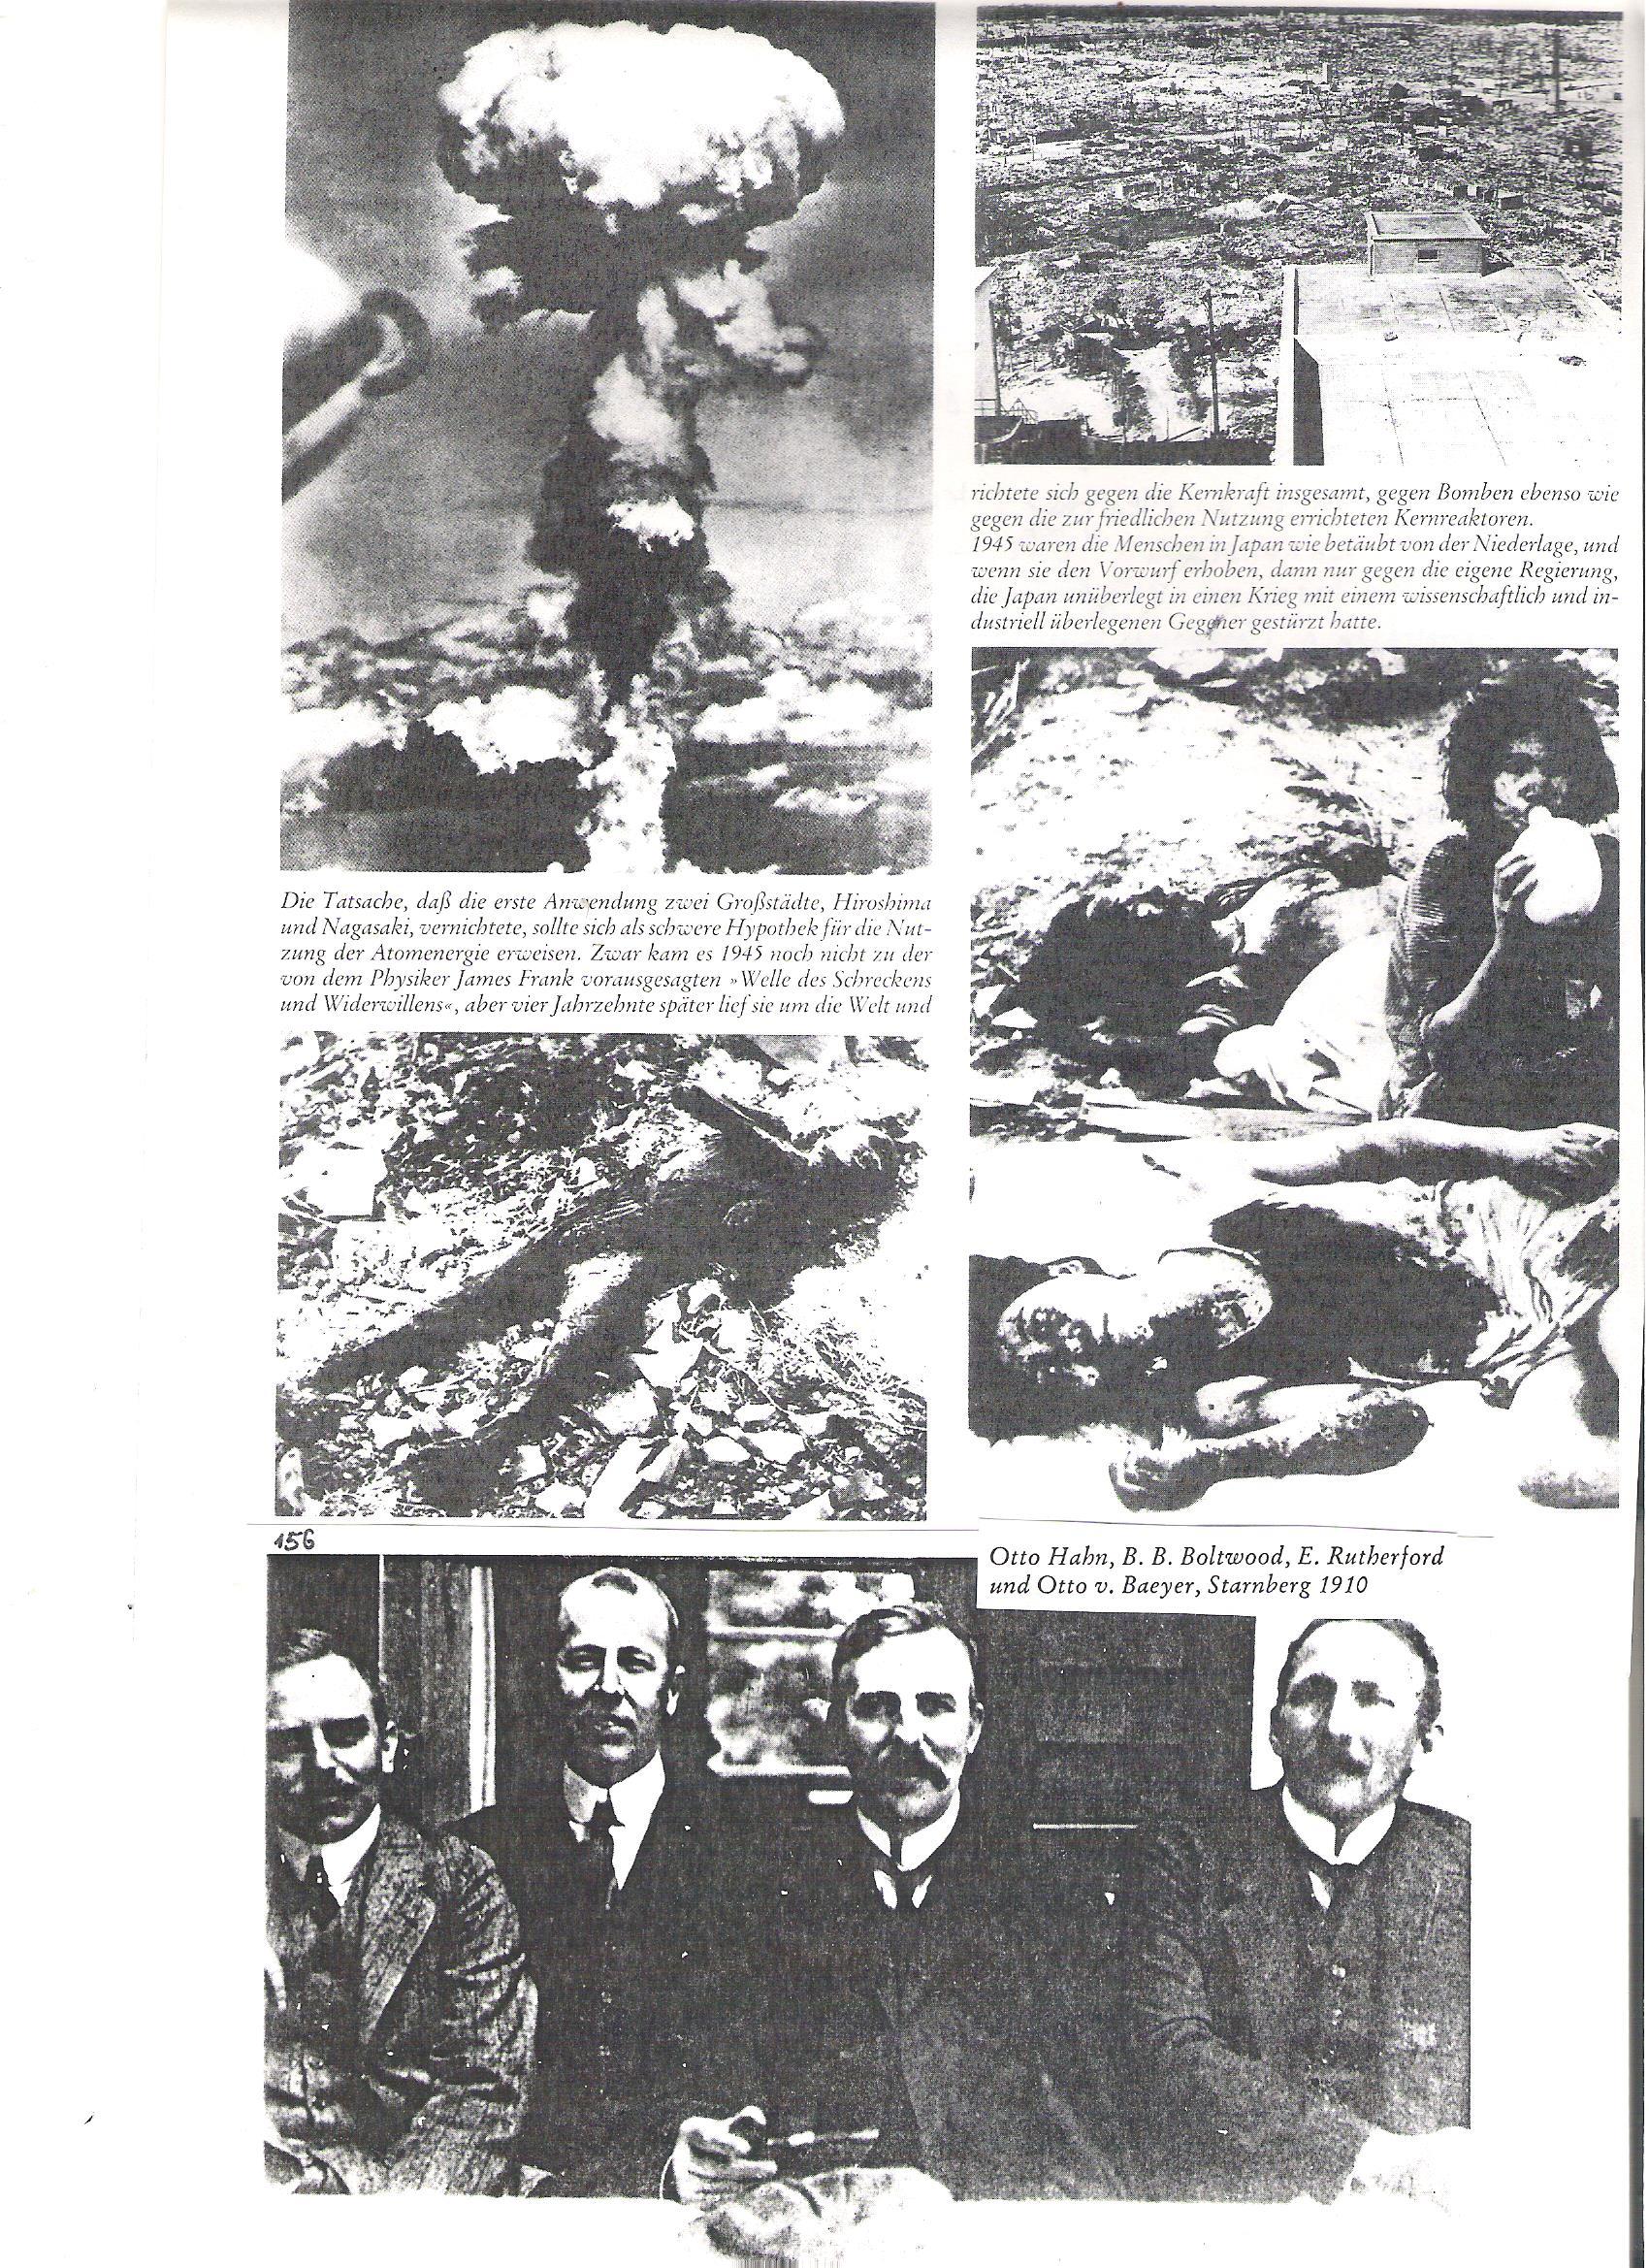 """156<br />A tény, hogy az atombomba első ledobása két nagyvárost Hirosimát és Nagasakit semmisített meg, súlyosan terhelte az atomenergia békés fölhasználását. Bár 1945-ben még nem vonult végig a glóbuszon James Franck előre jelzett """"Riadalom és ellenállás hulláma"""", ám négy évtized múlva tényleg végigfutott a világon és úgy az atombombák, mint a békés fölhasználású atomerőművek ellen irányult. <br />1945-ben a japán lakosság elkábult volt a vereségtől és ha vádoltak valakit egyáltalán, akkor a saját kormányukat, amelyik Japánt meggondolatlanul egy tudományosan és iparilag fejlettebb ellenféllell való háborúba kényszerítette.<br /><br />156<br />Otto Hahn, B.B. Oltwood, E. Rutherford, és Otto von Baeyer, Starnberg, 1910."""